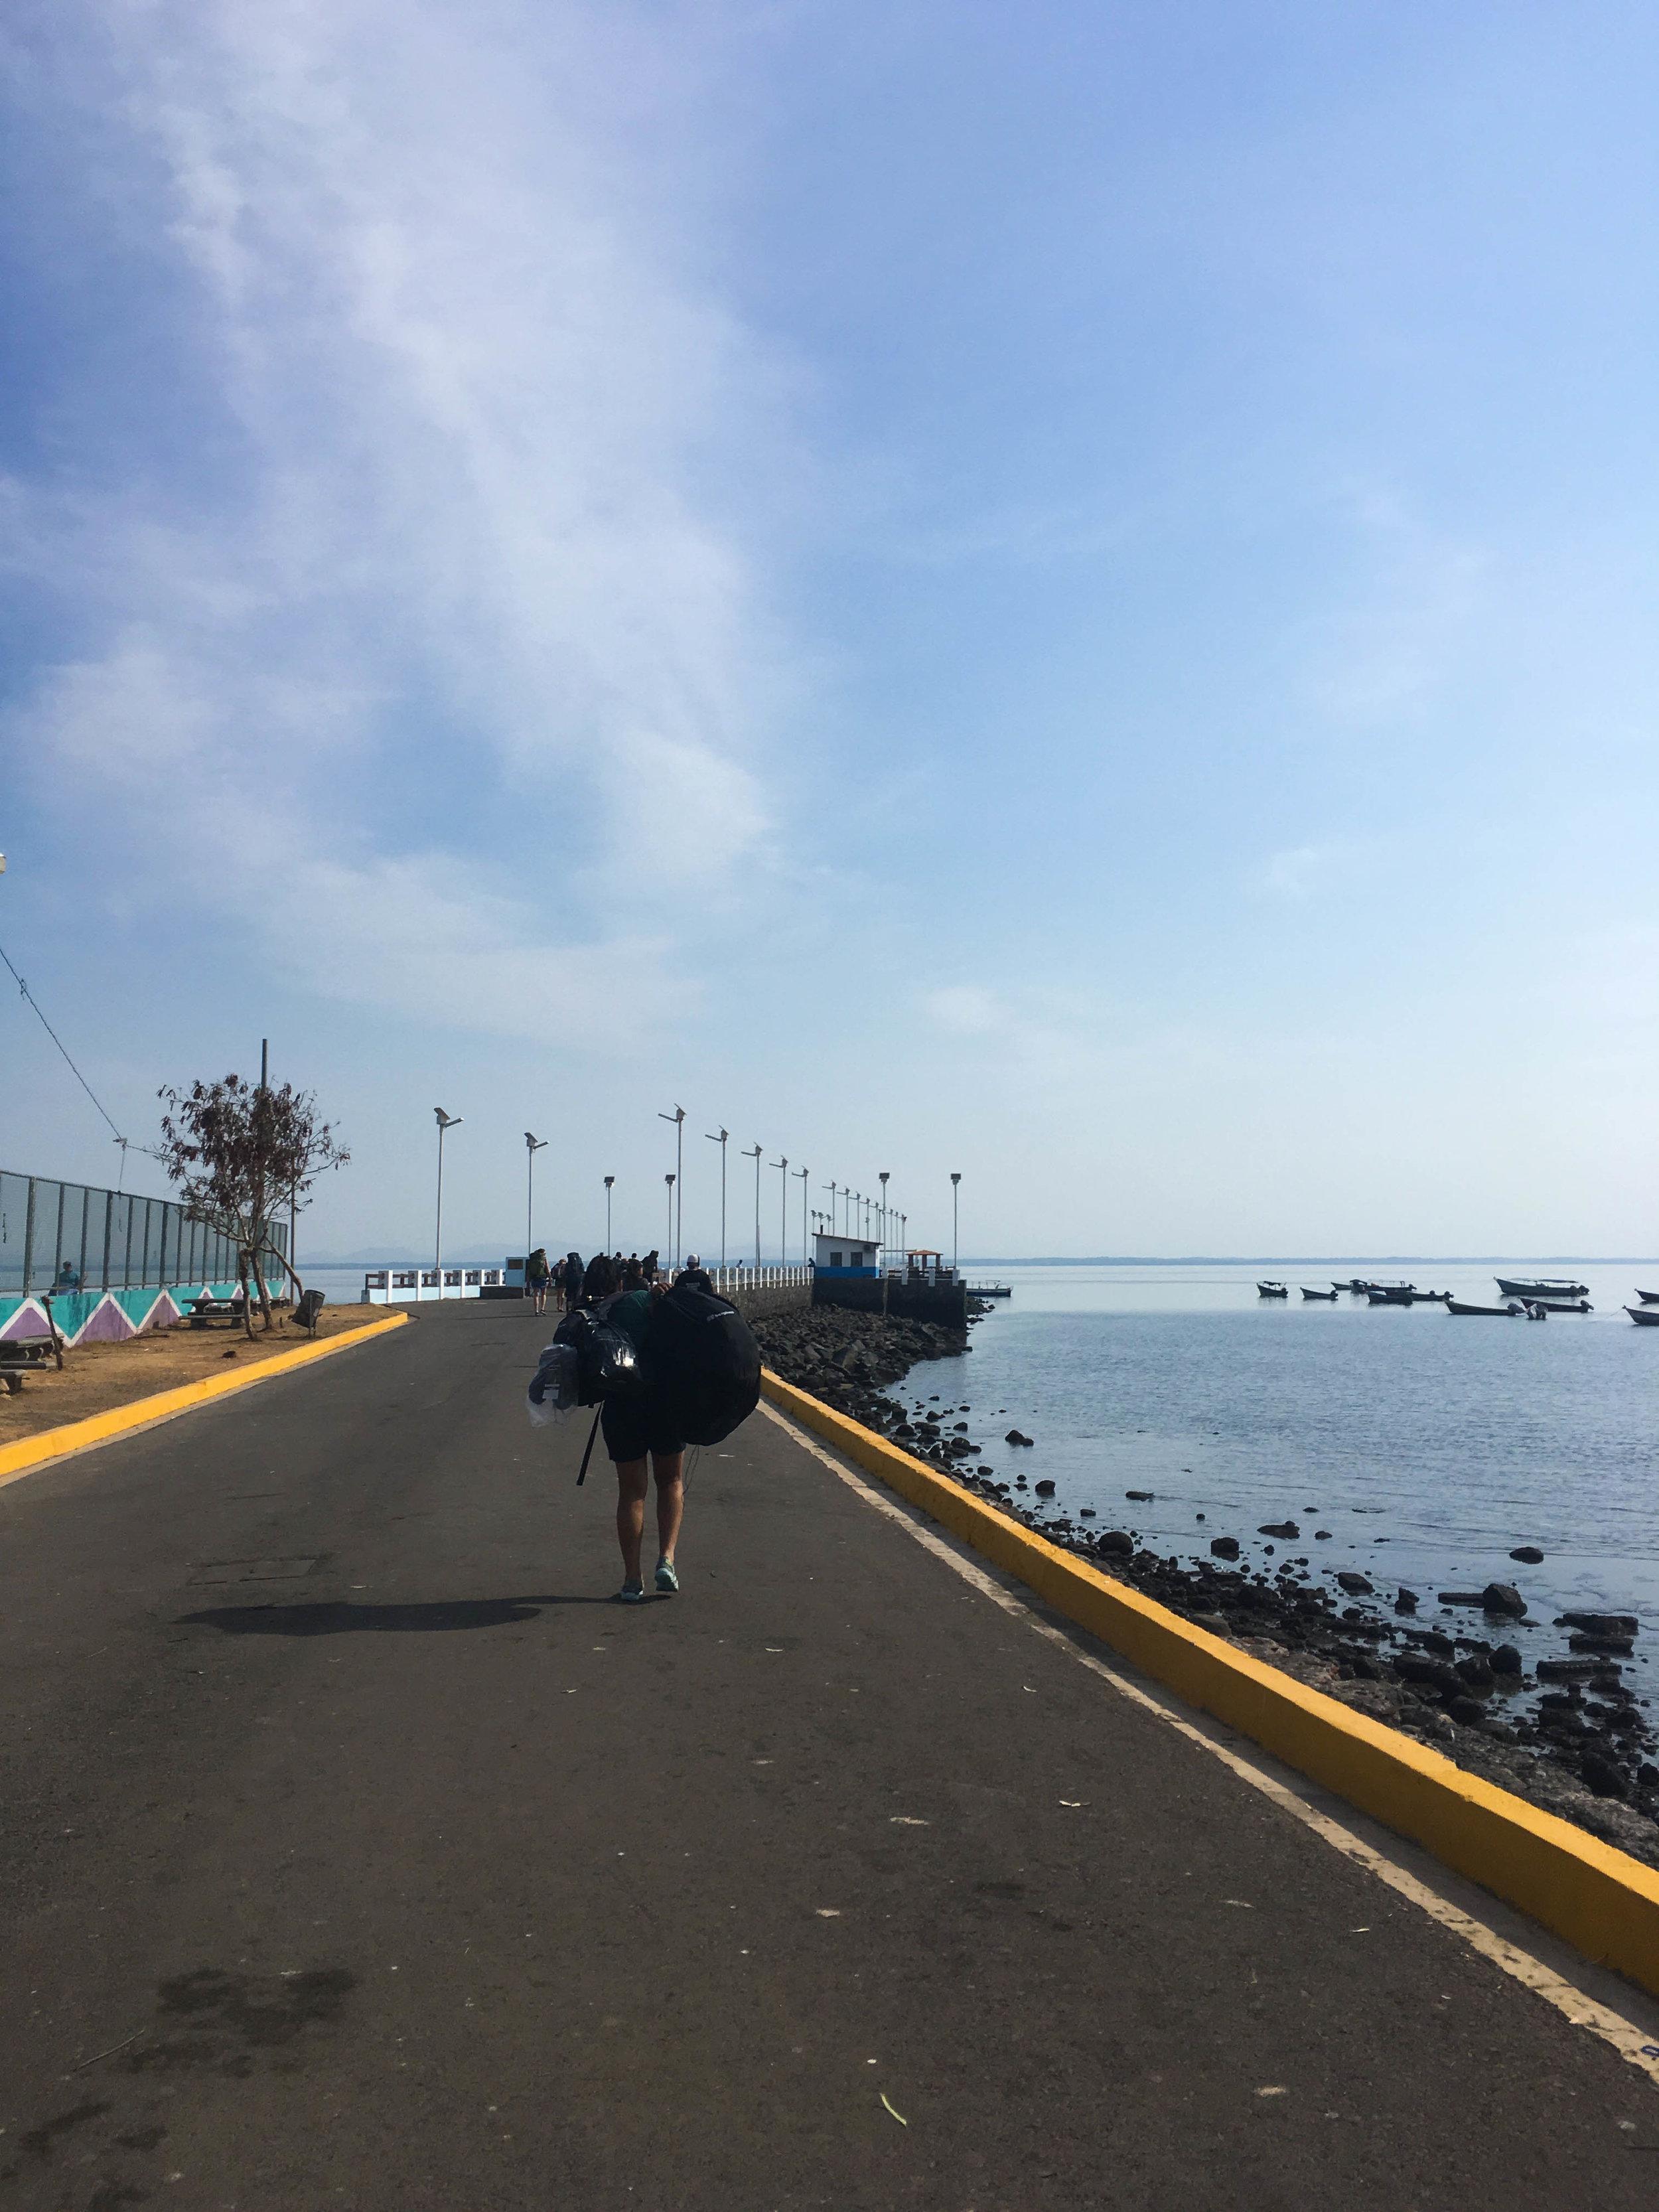 leaving el salvador by boat-natalienehlawi.jpg